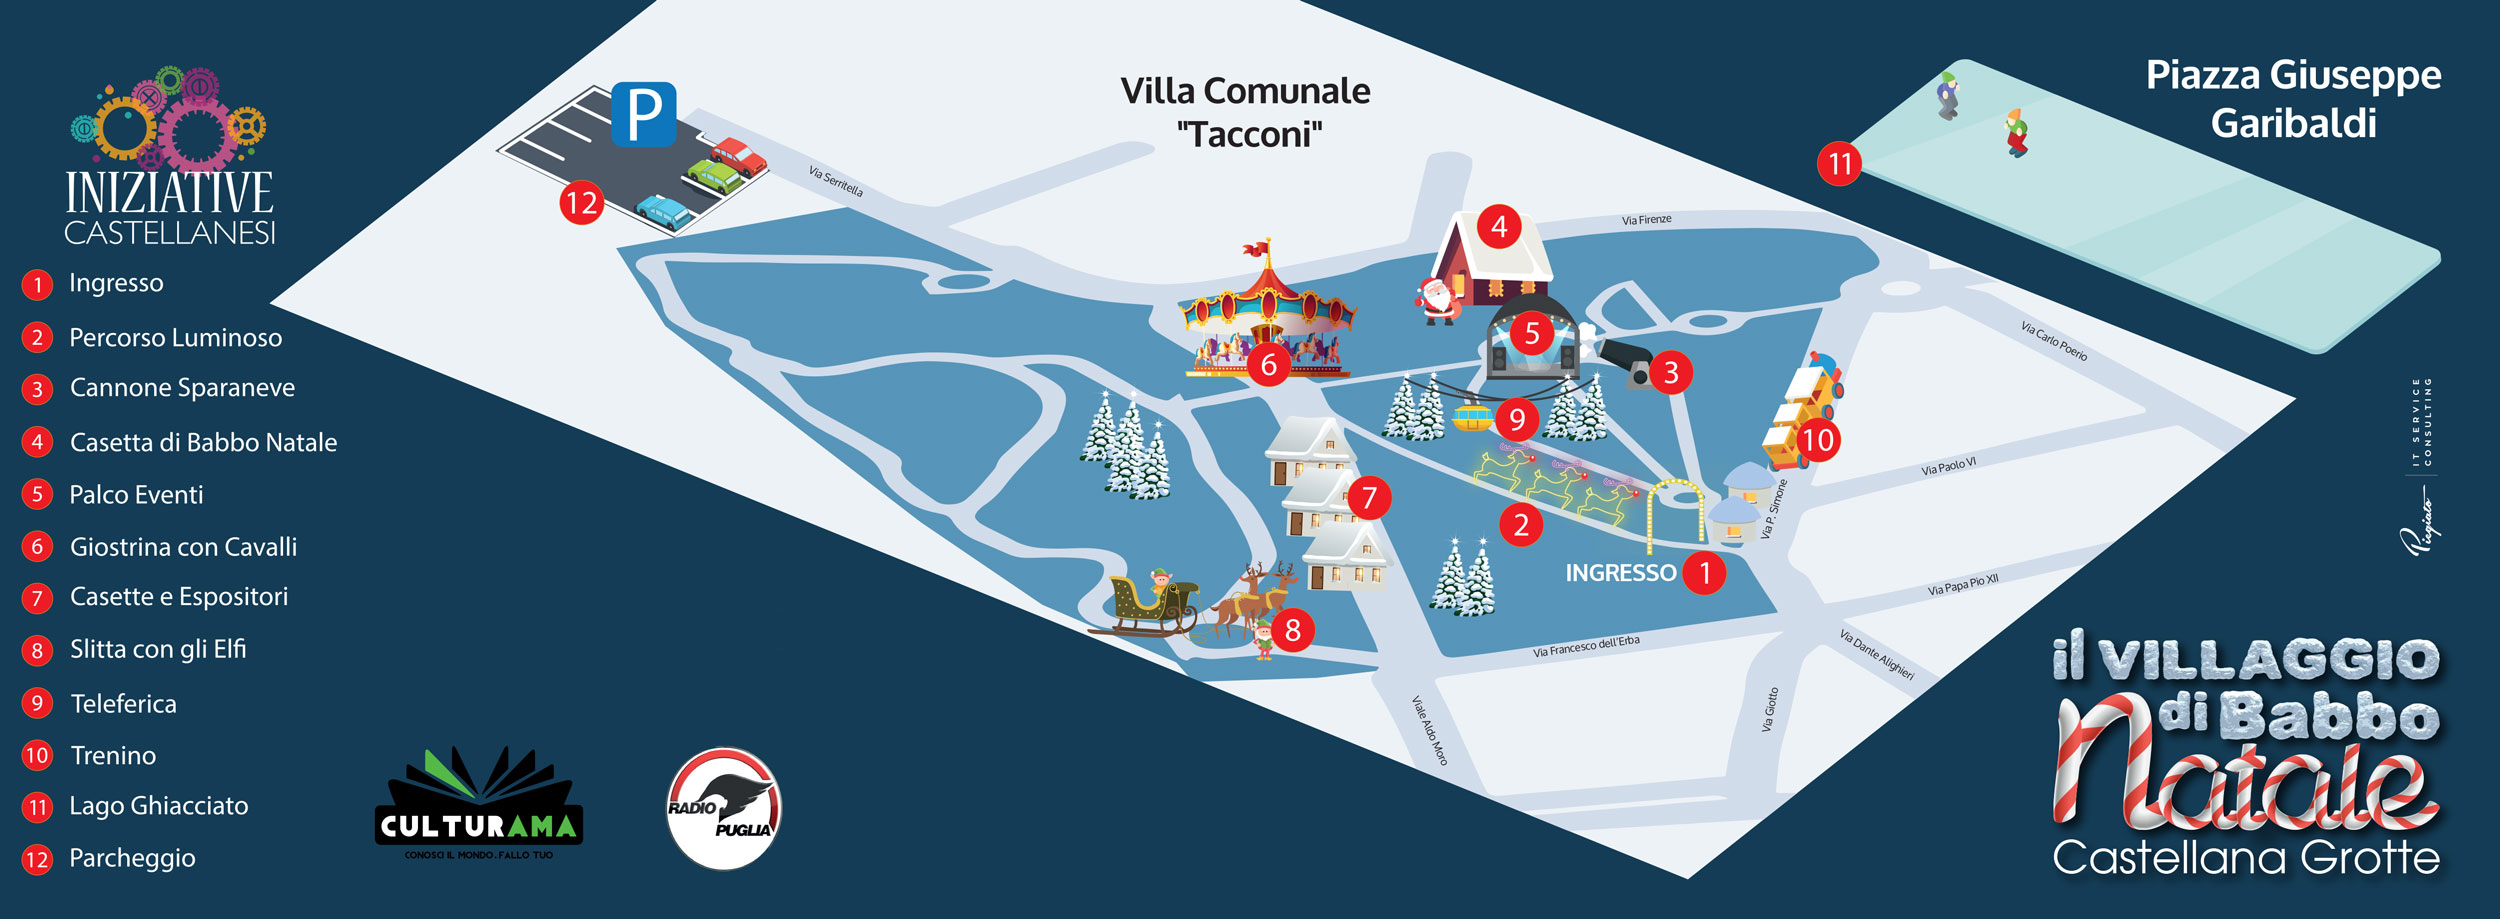 Percorso Babbo Natale.La Mappa Il Villaggio Di Babbo Natale